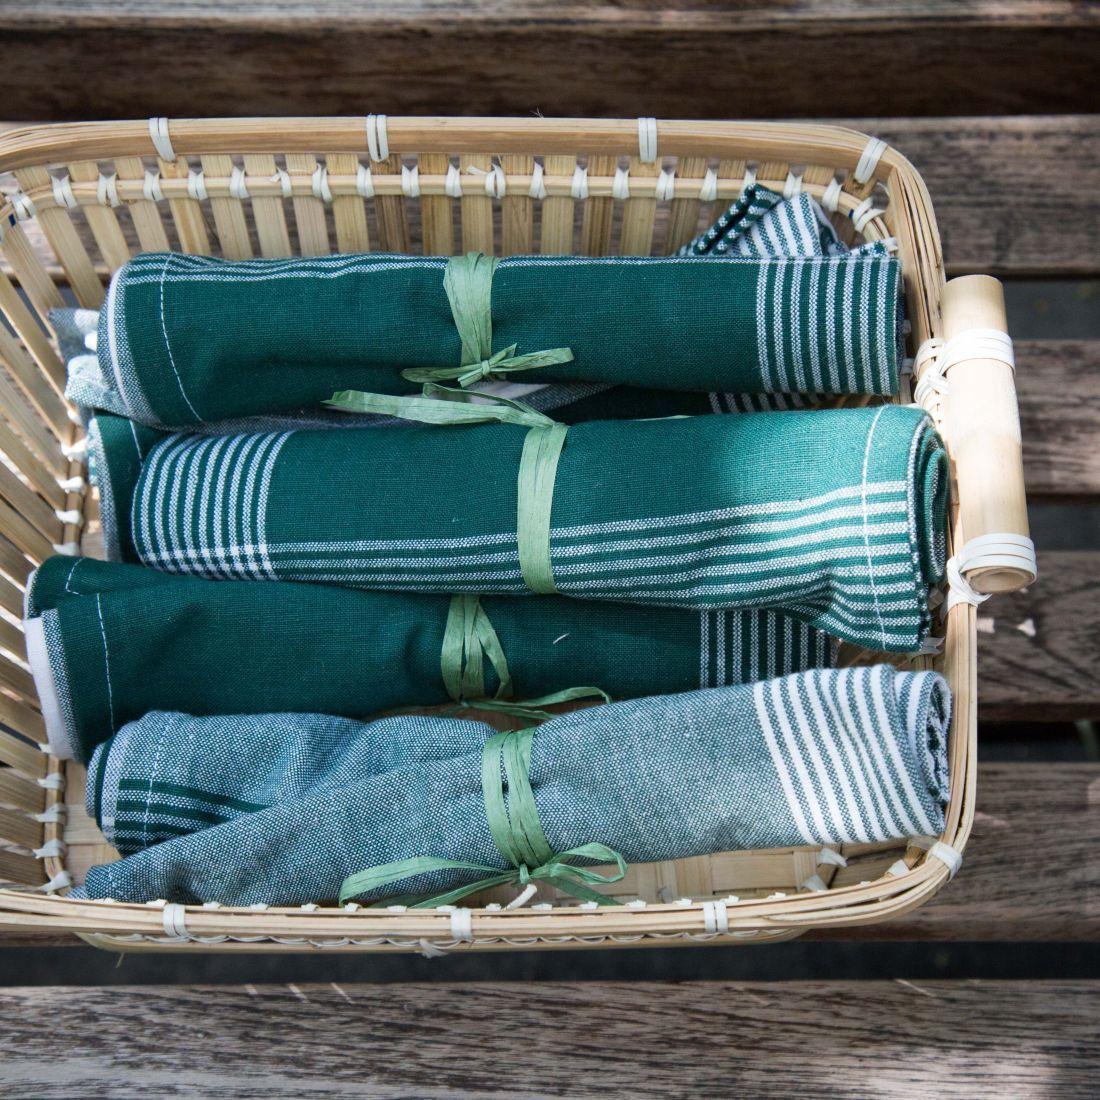 מגבות מטבח של הדליקטסן - אפשר להשתמש כפלייסמנטים או כמפיות בד אישיות